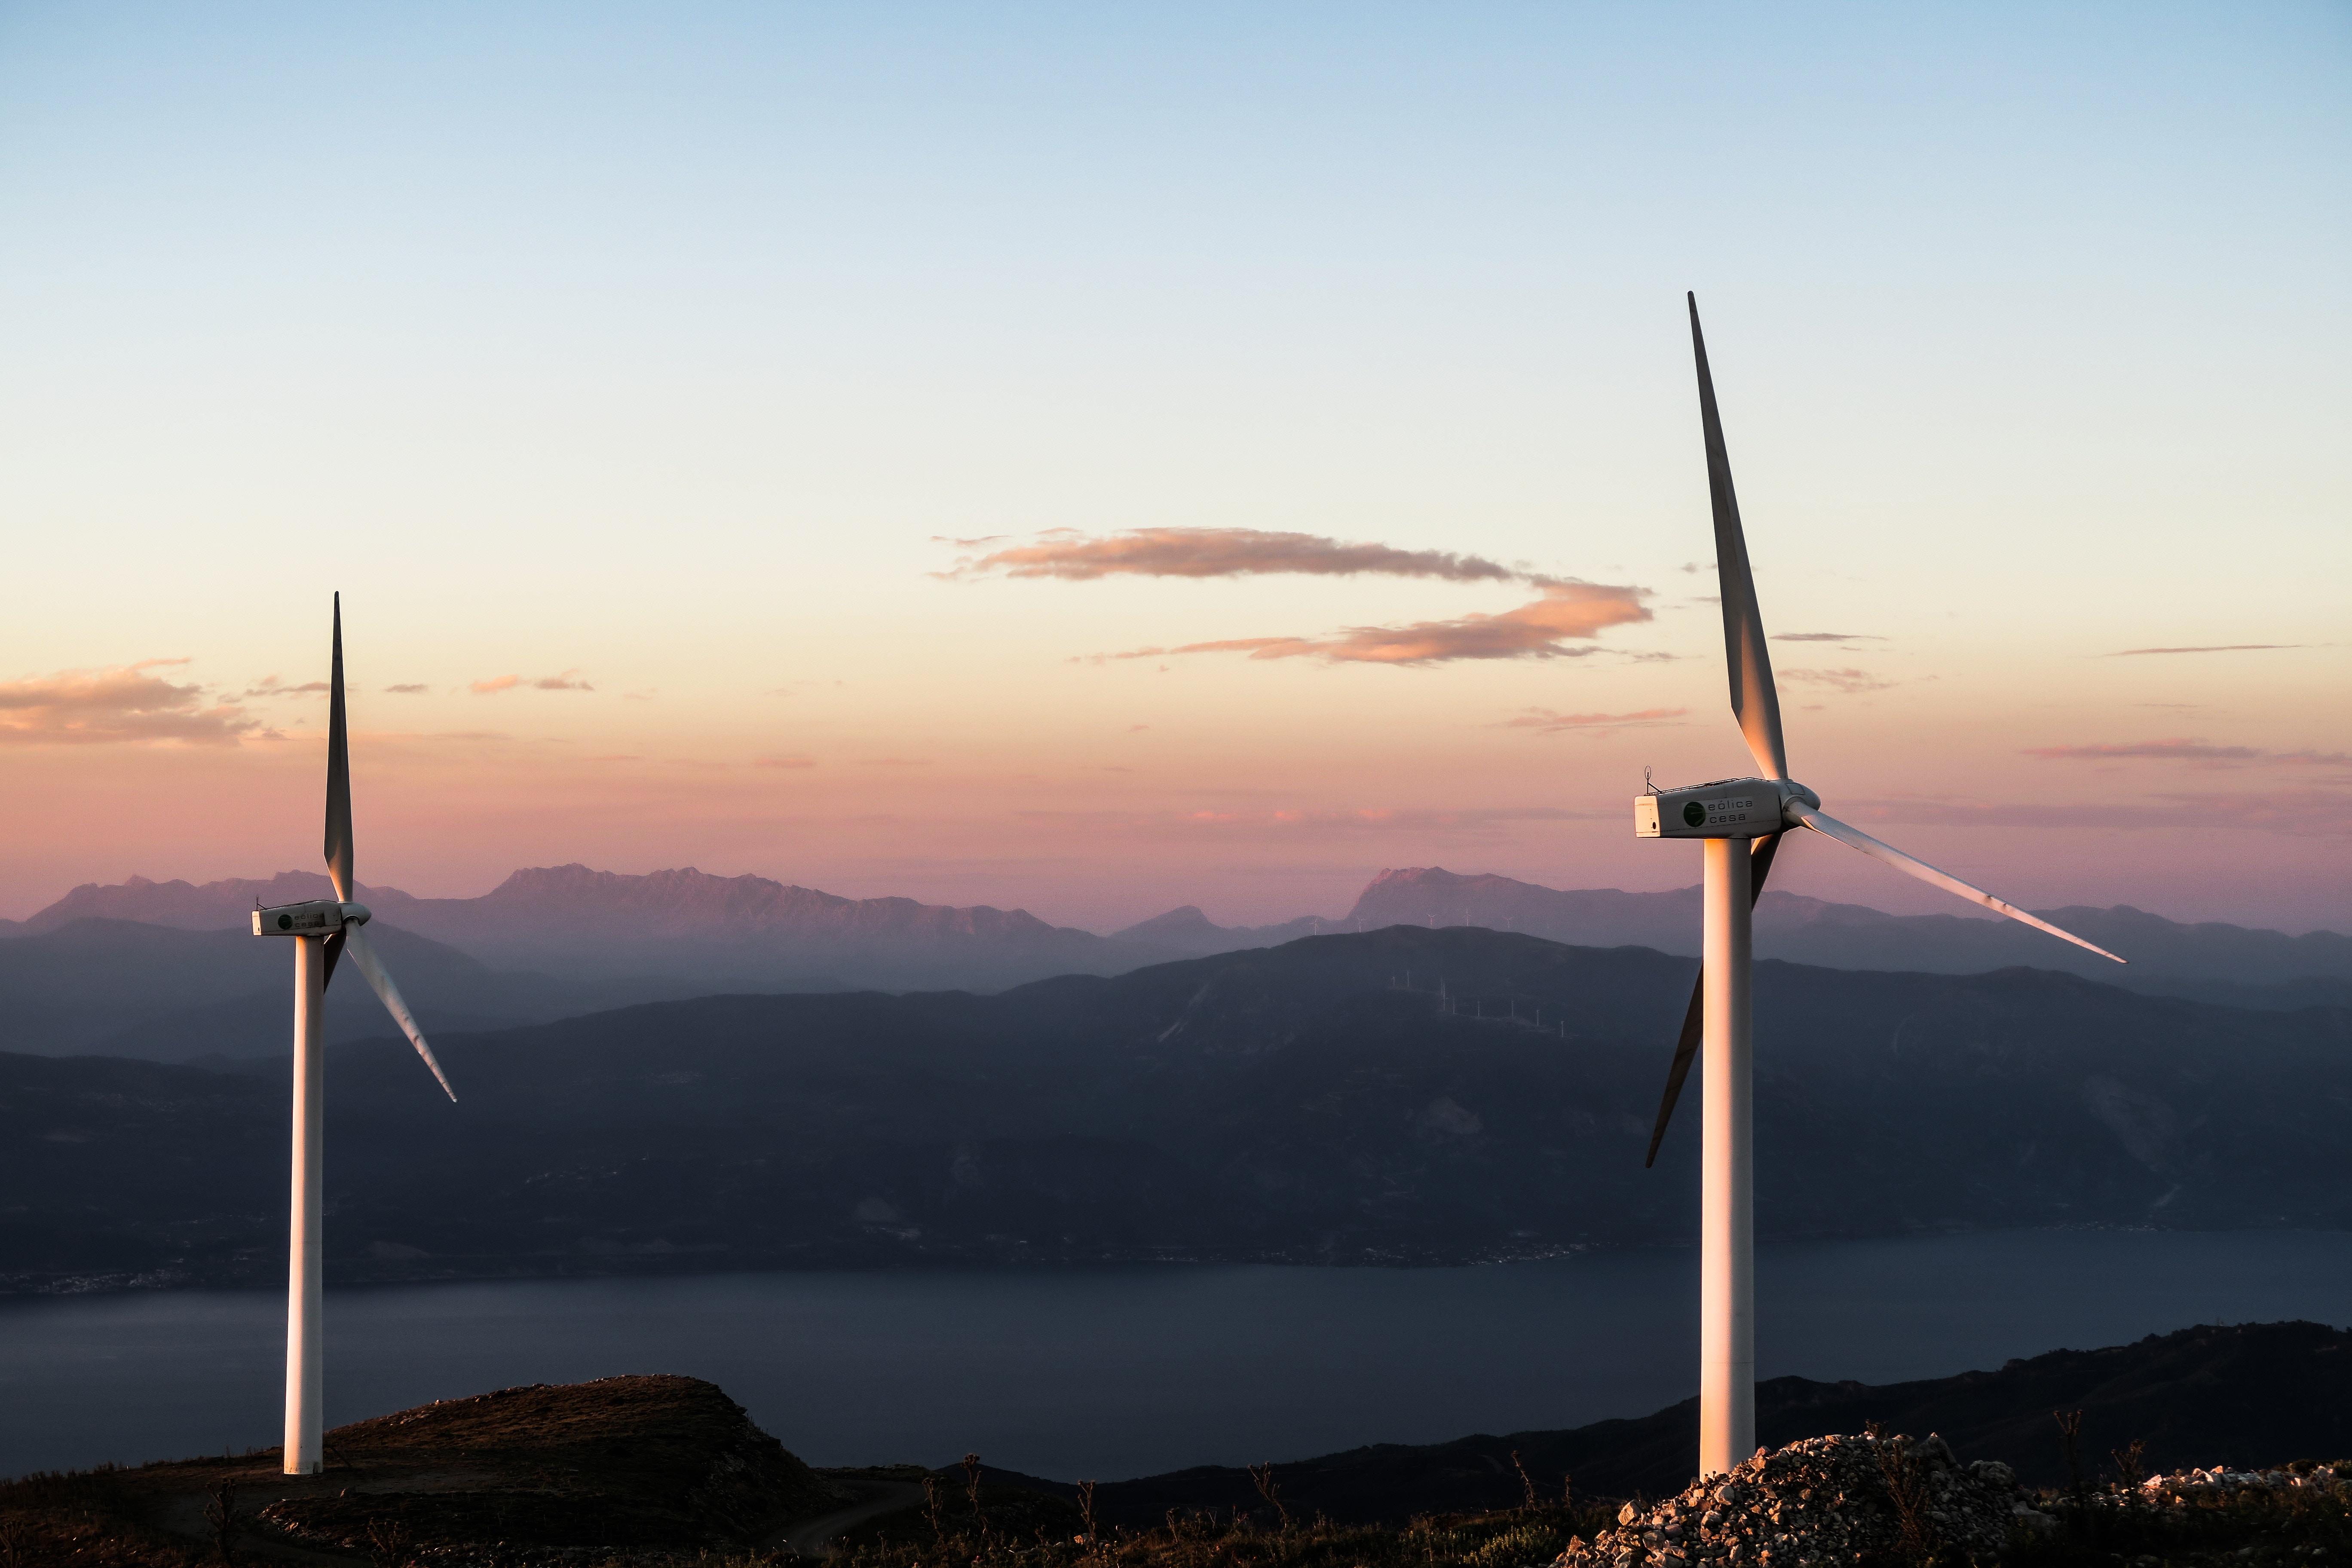 عبد اللطيف جميل للطاقة ستزود حوالي ربع مليون منزل بالطاقة الشمسية وطاقة الرياح في تشيلي